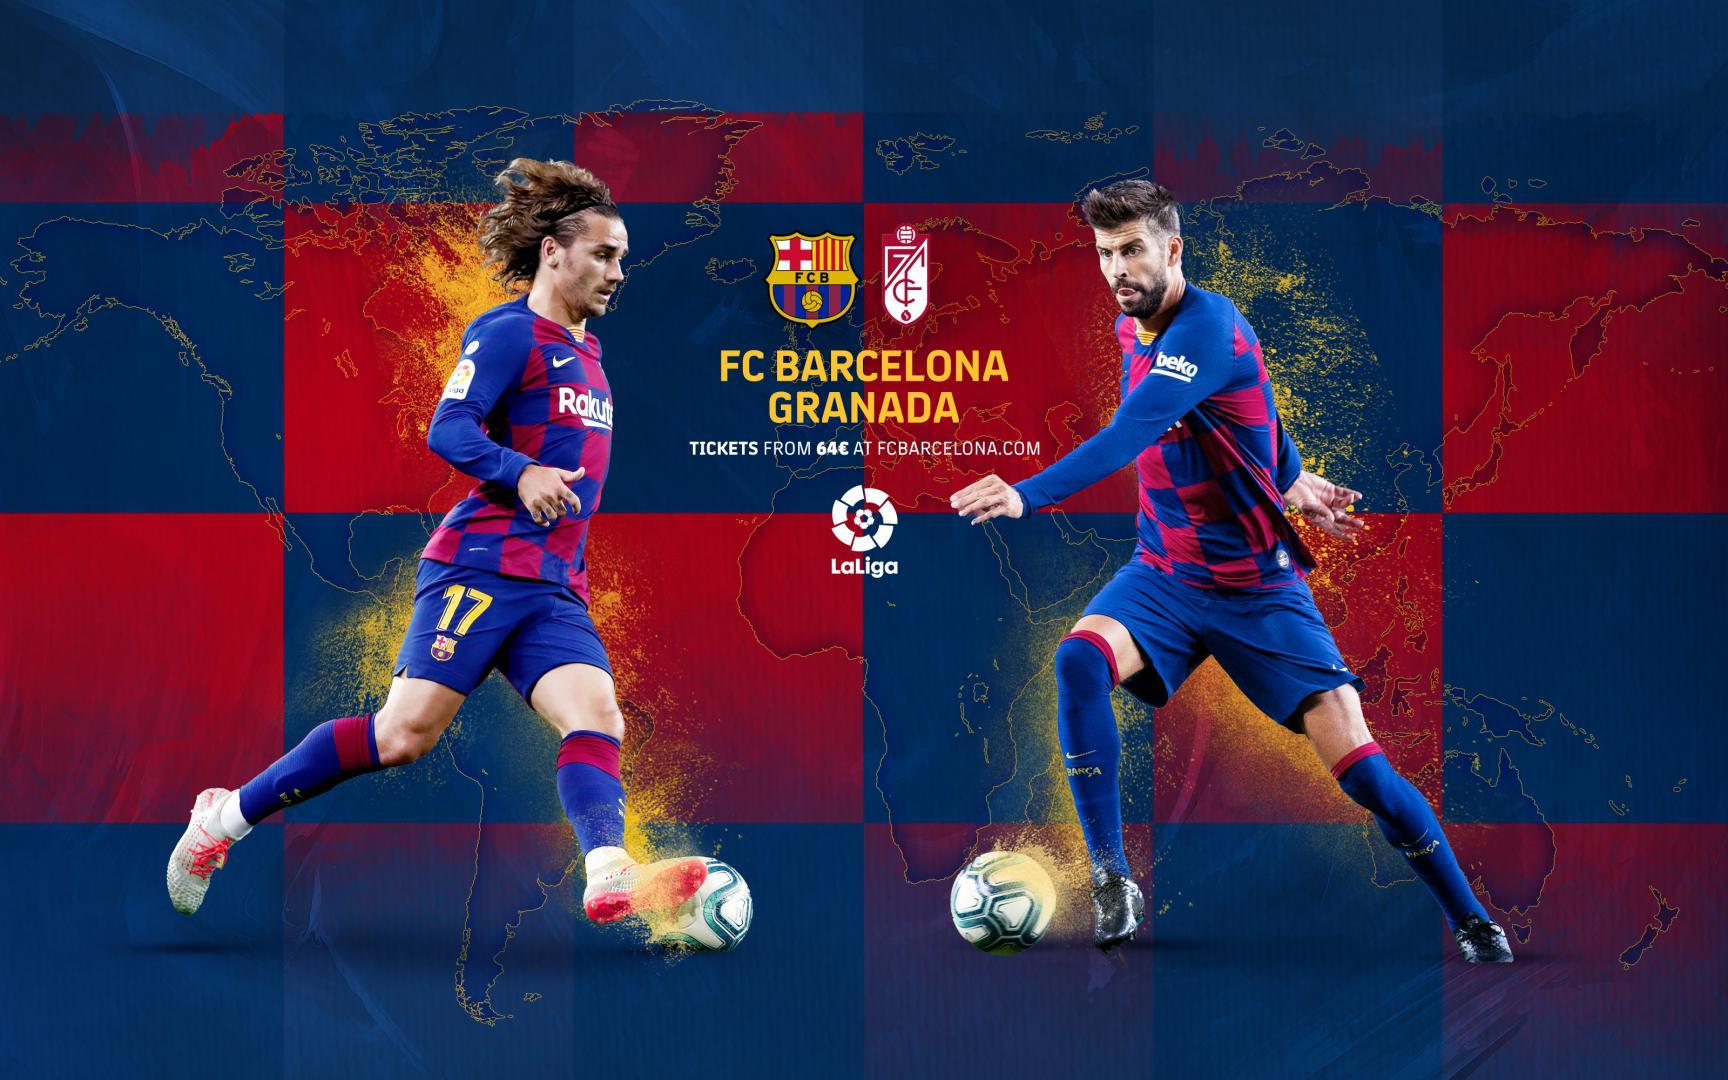 नयाँ प्रशिक्षकको नेतृत्वमा बार्सिलोना पहिलो खेल खेल्दै : ग्रानाडासँग बदला लिने मौका !